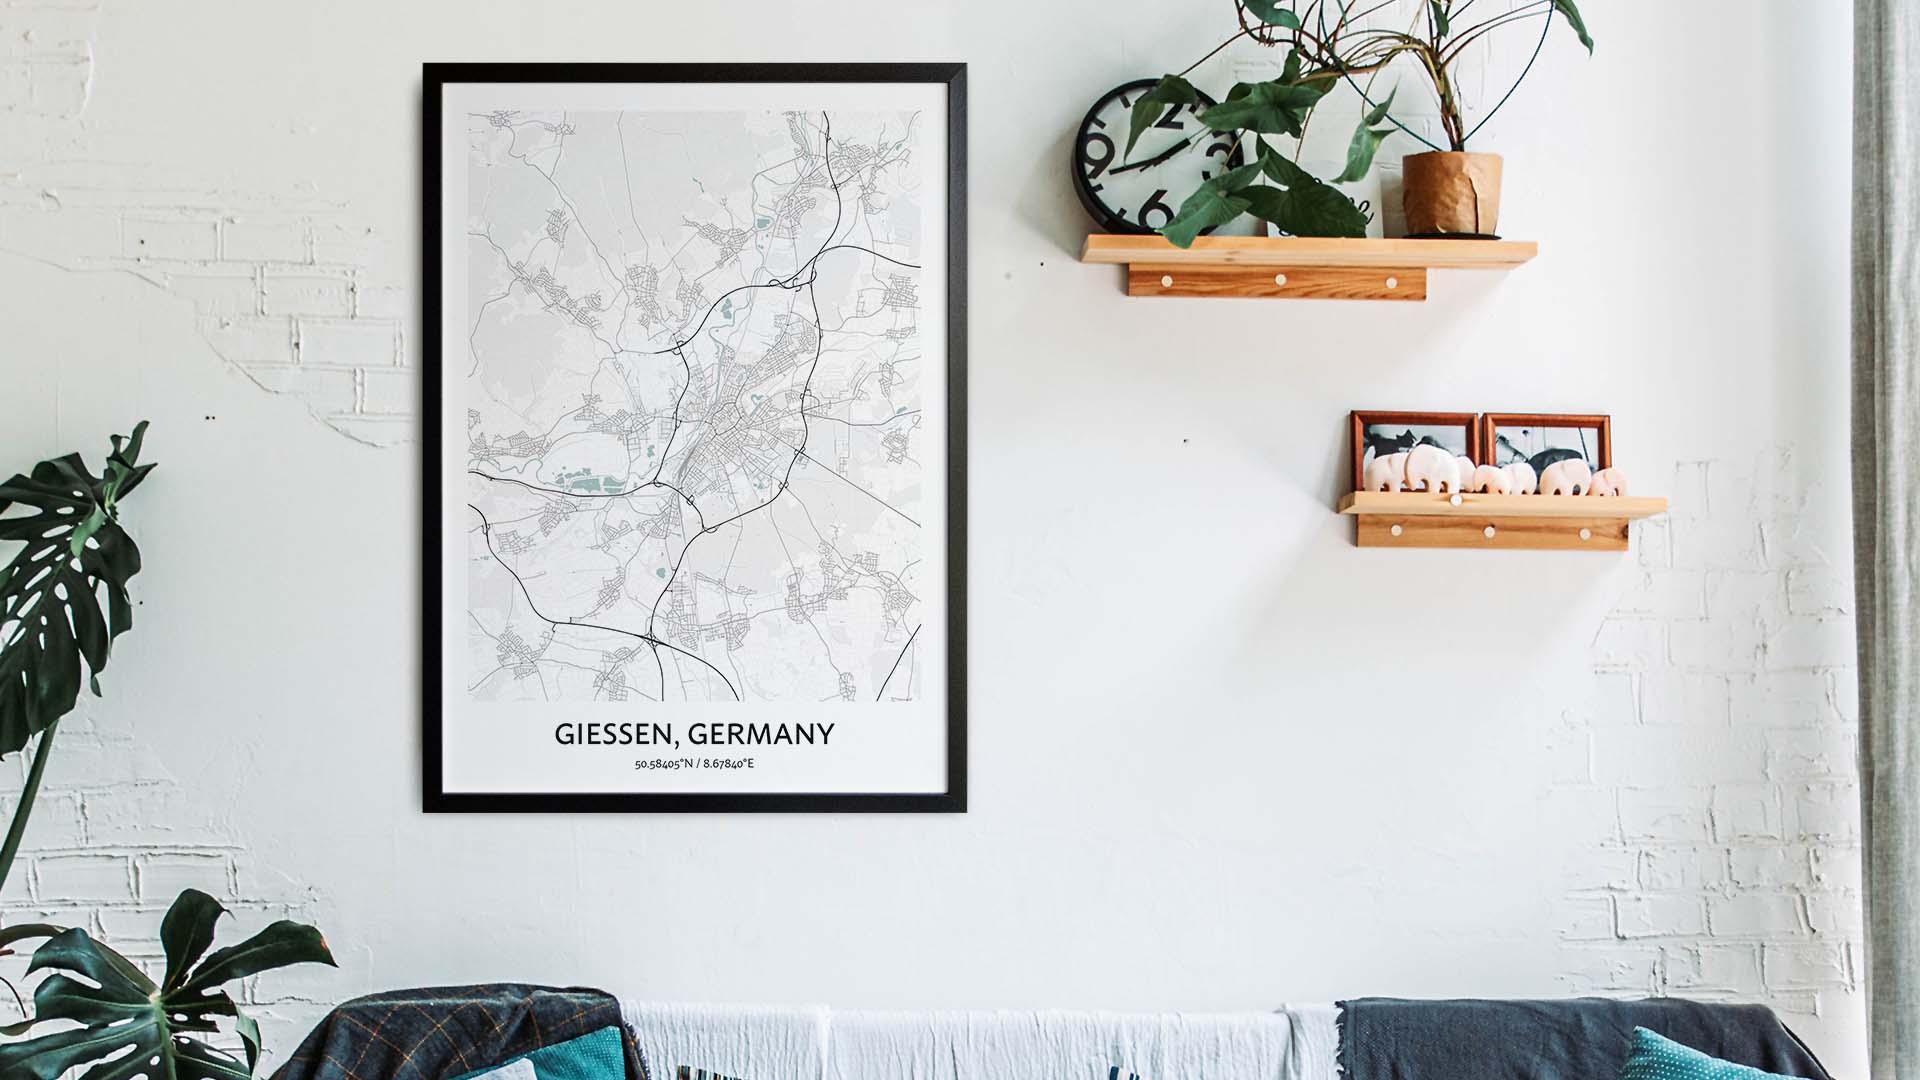 Giessen map art